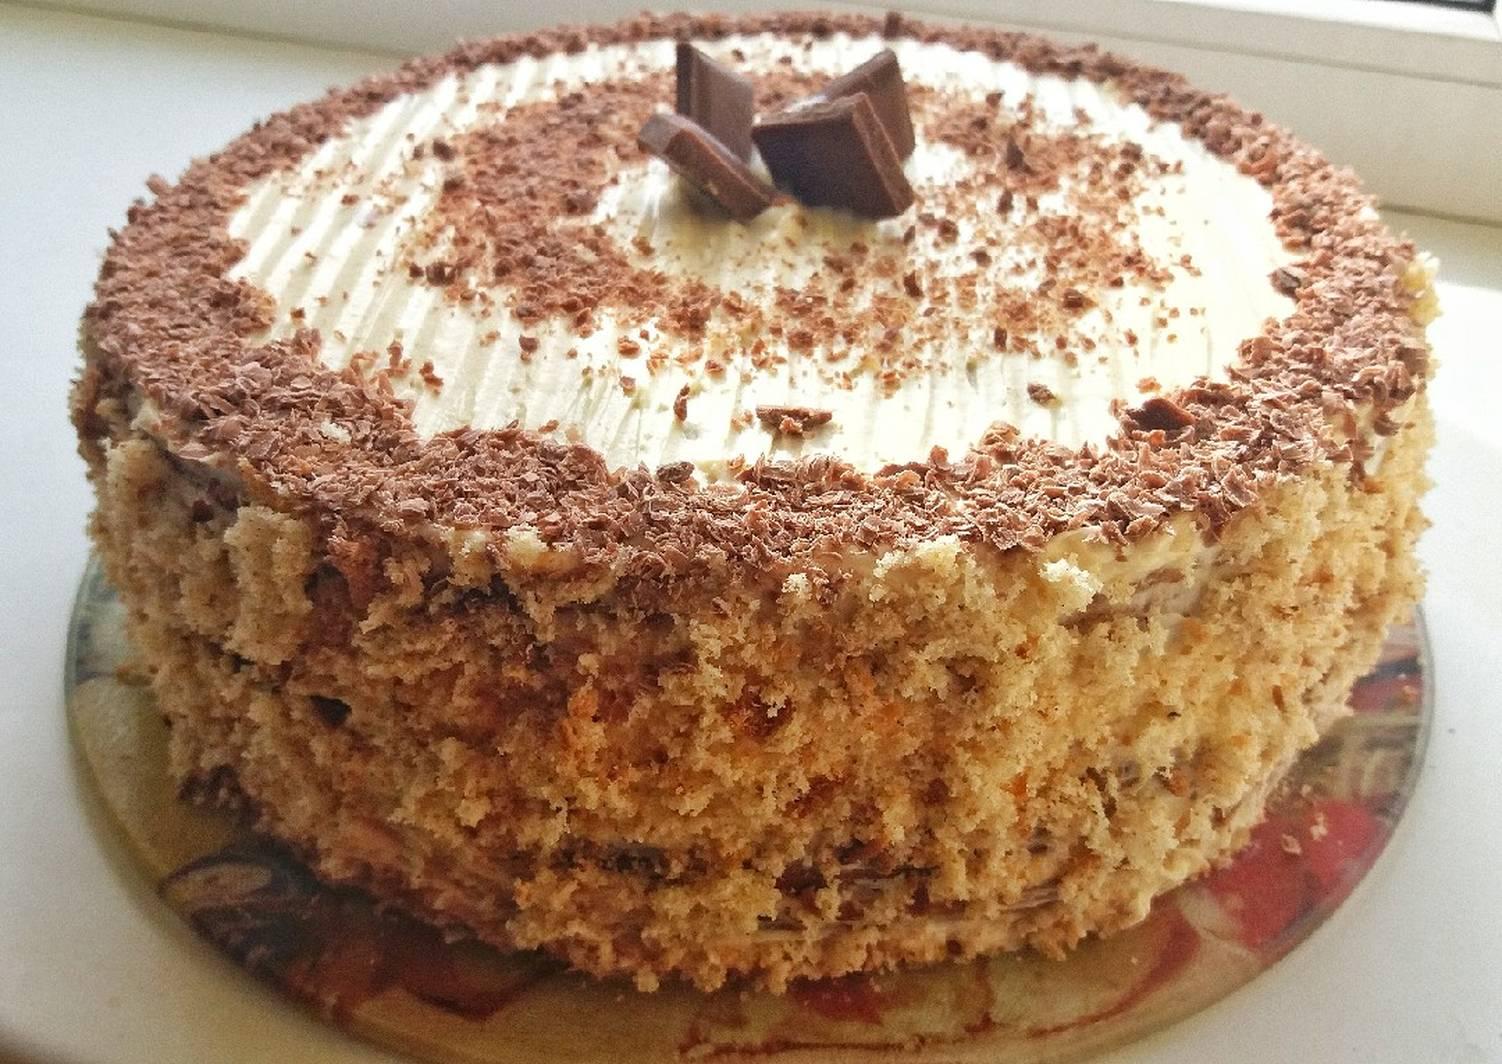 модели, именно самый простой бисквитный торт рецепт фото них